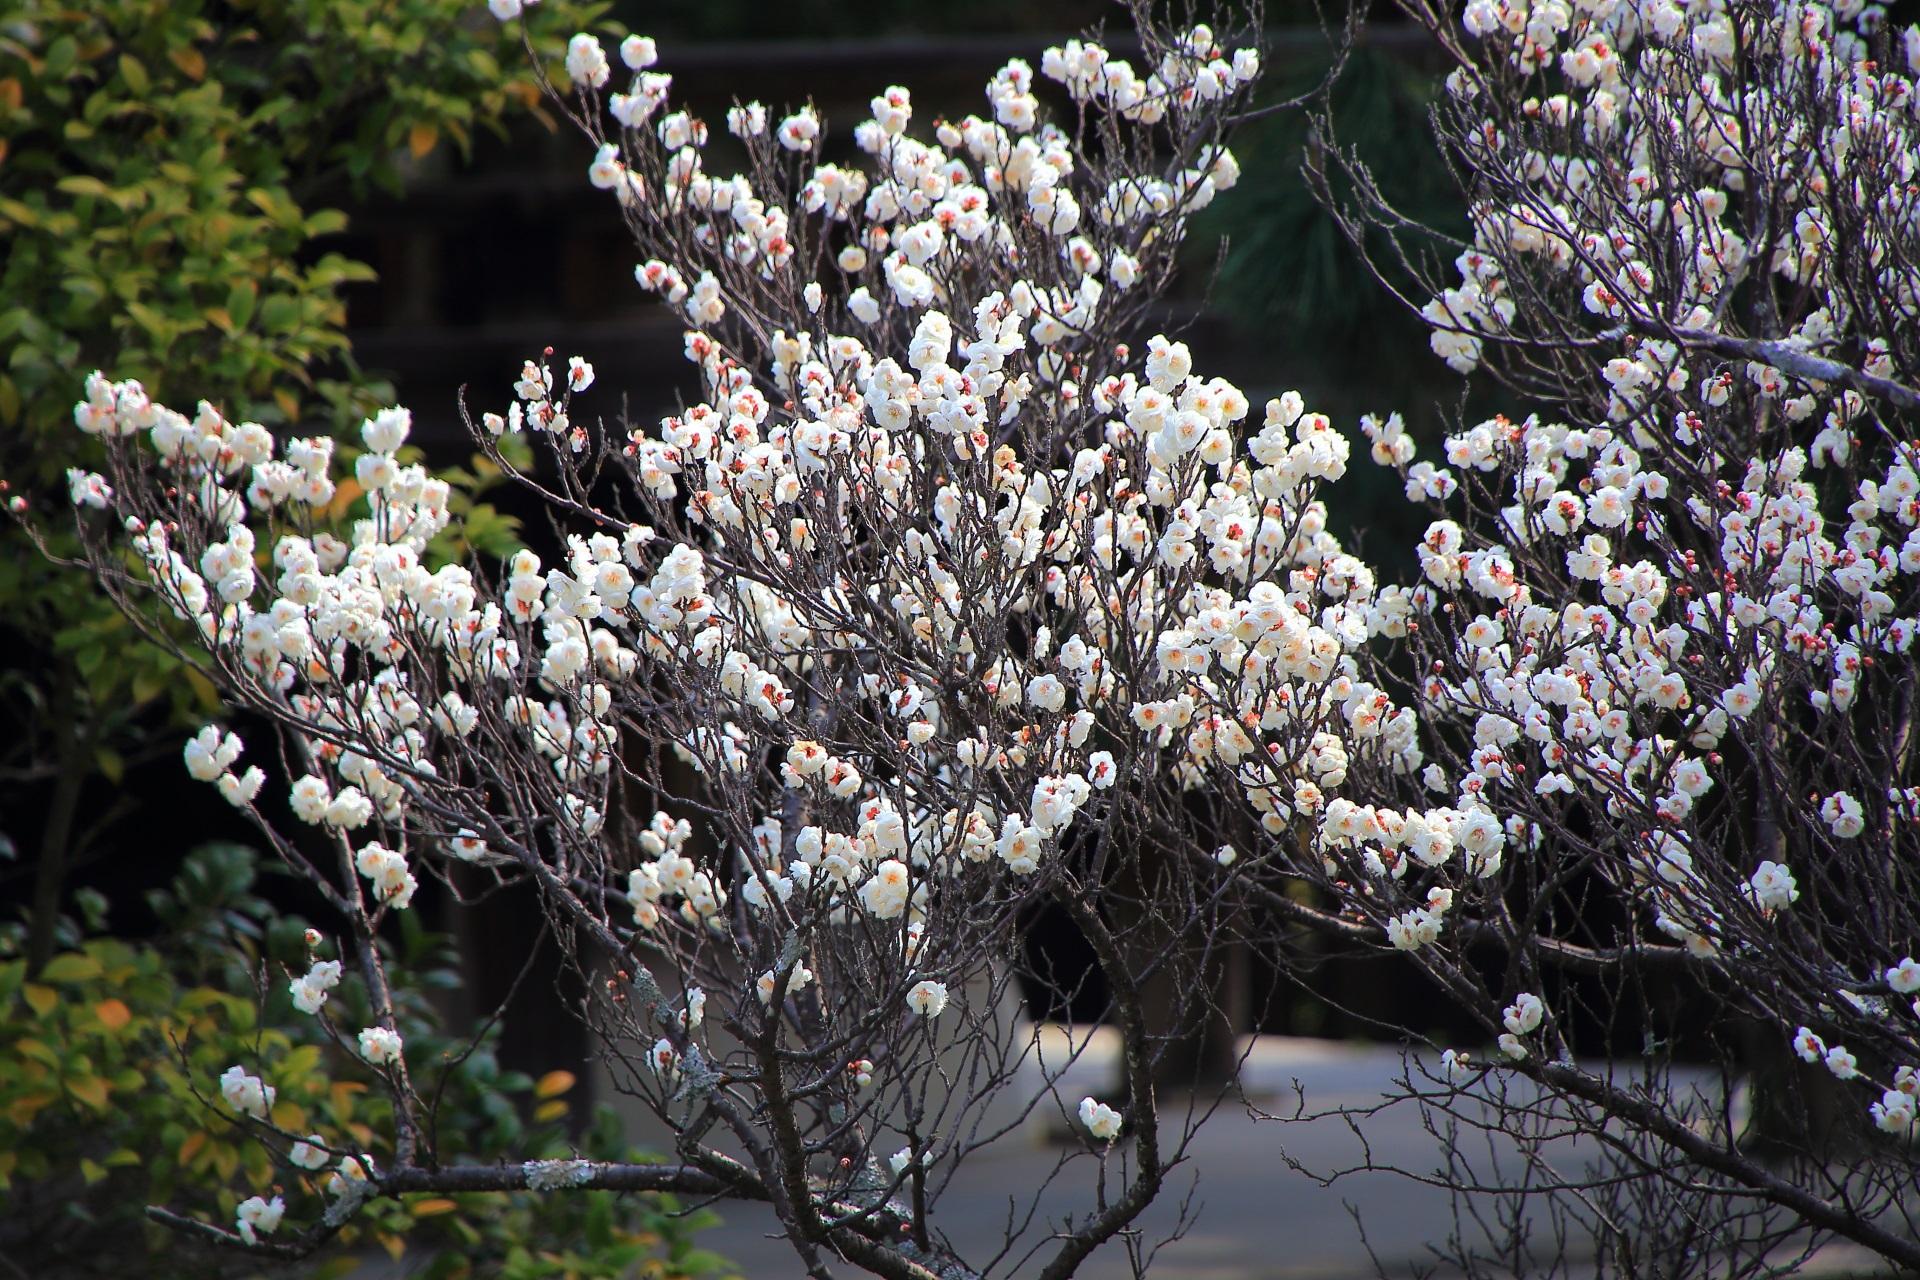 萼片(がくへん)(花の根元)の赤色が良いアクセントになる白梅